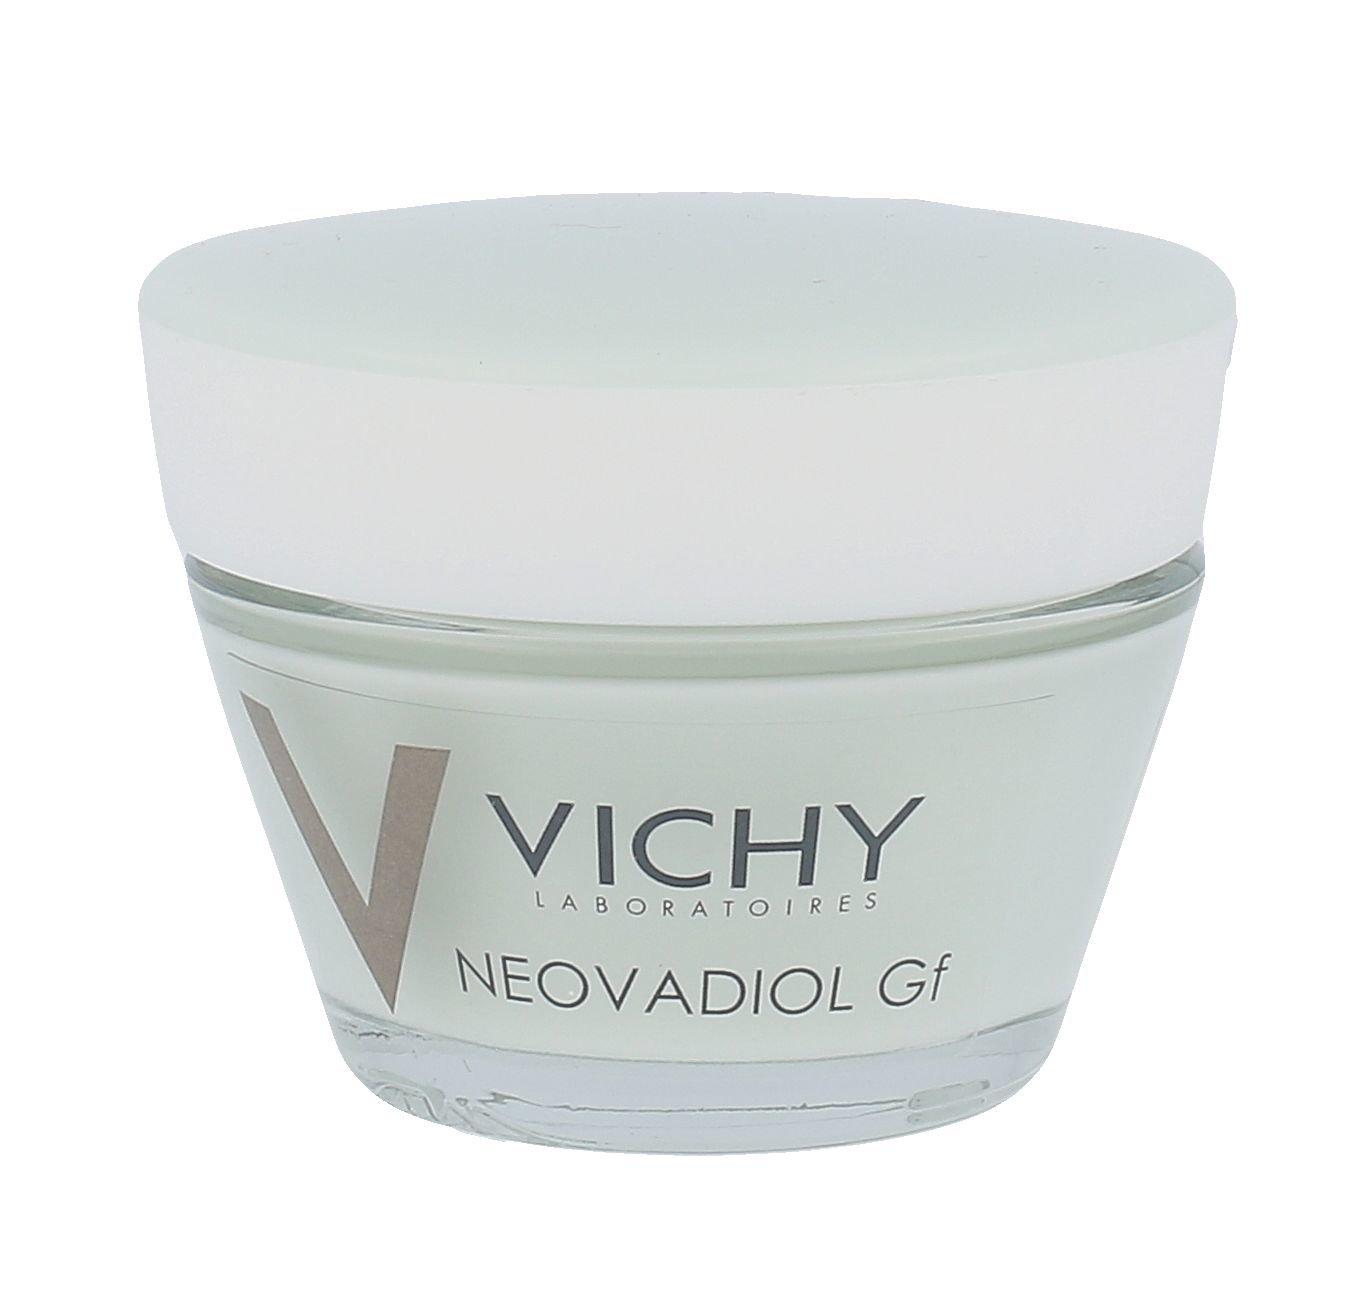 Vichy Neovadiol Gf Cosmetic 50ml